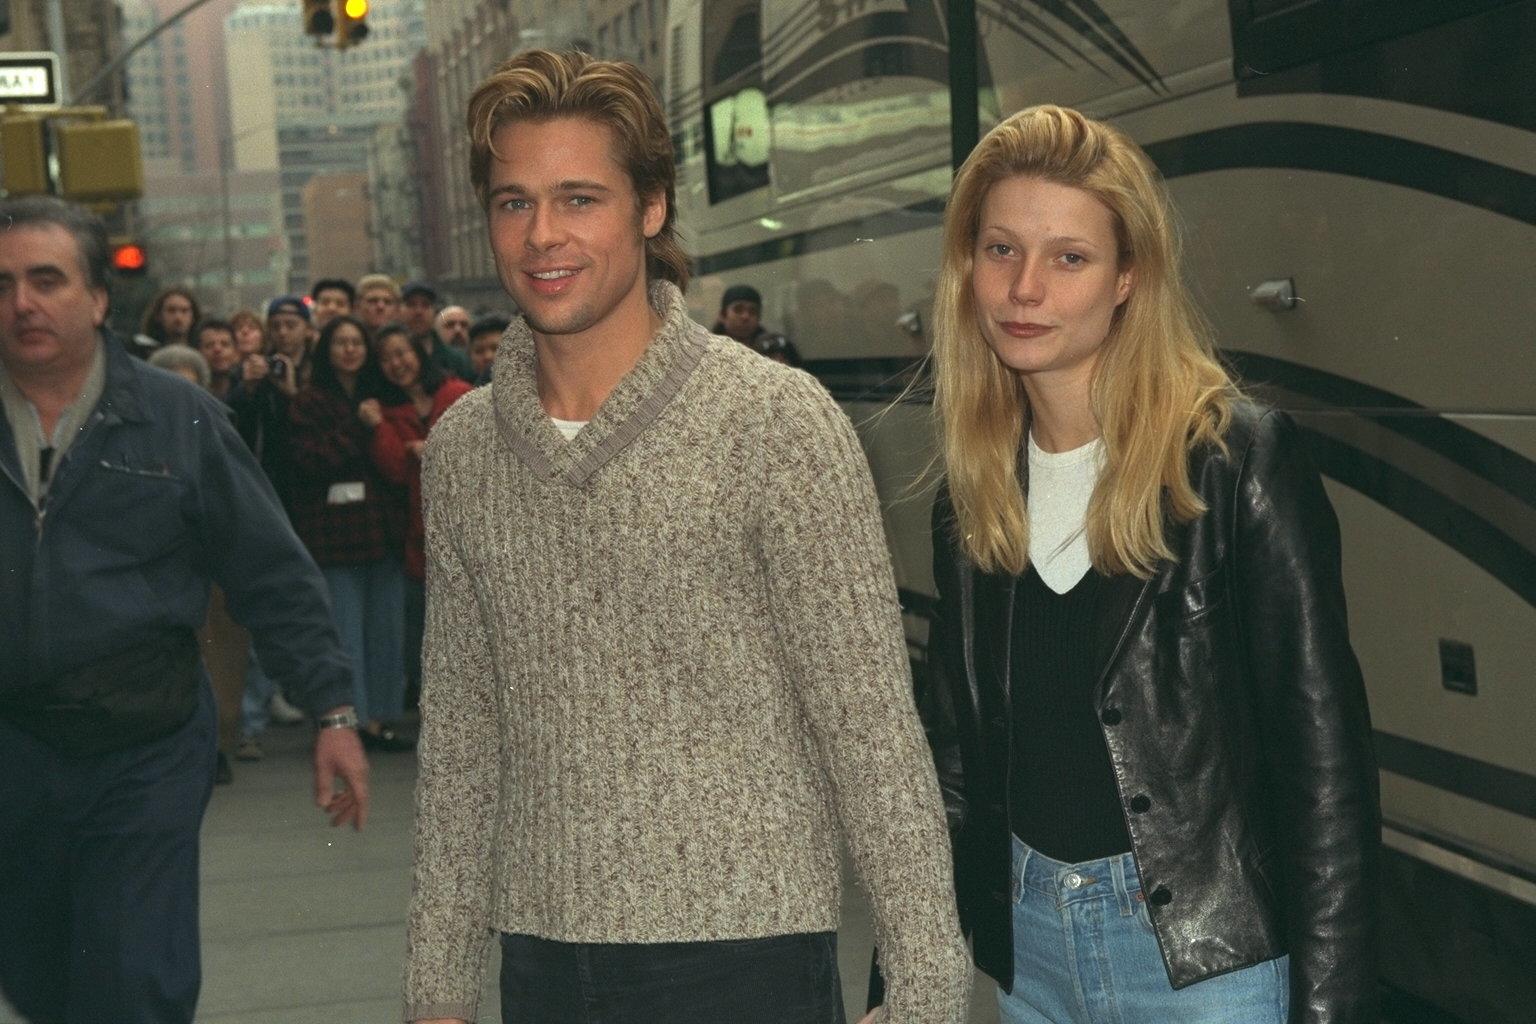 Gwyneth Paltrow says Brad Pitt once threatened Harvey Weinstein